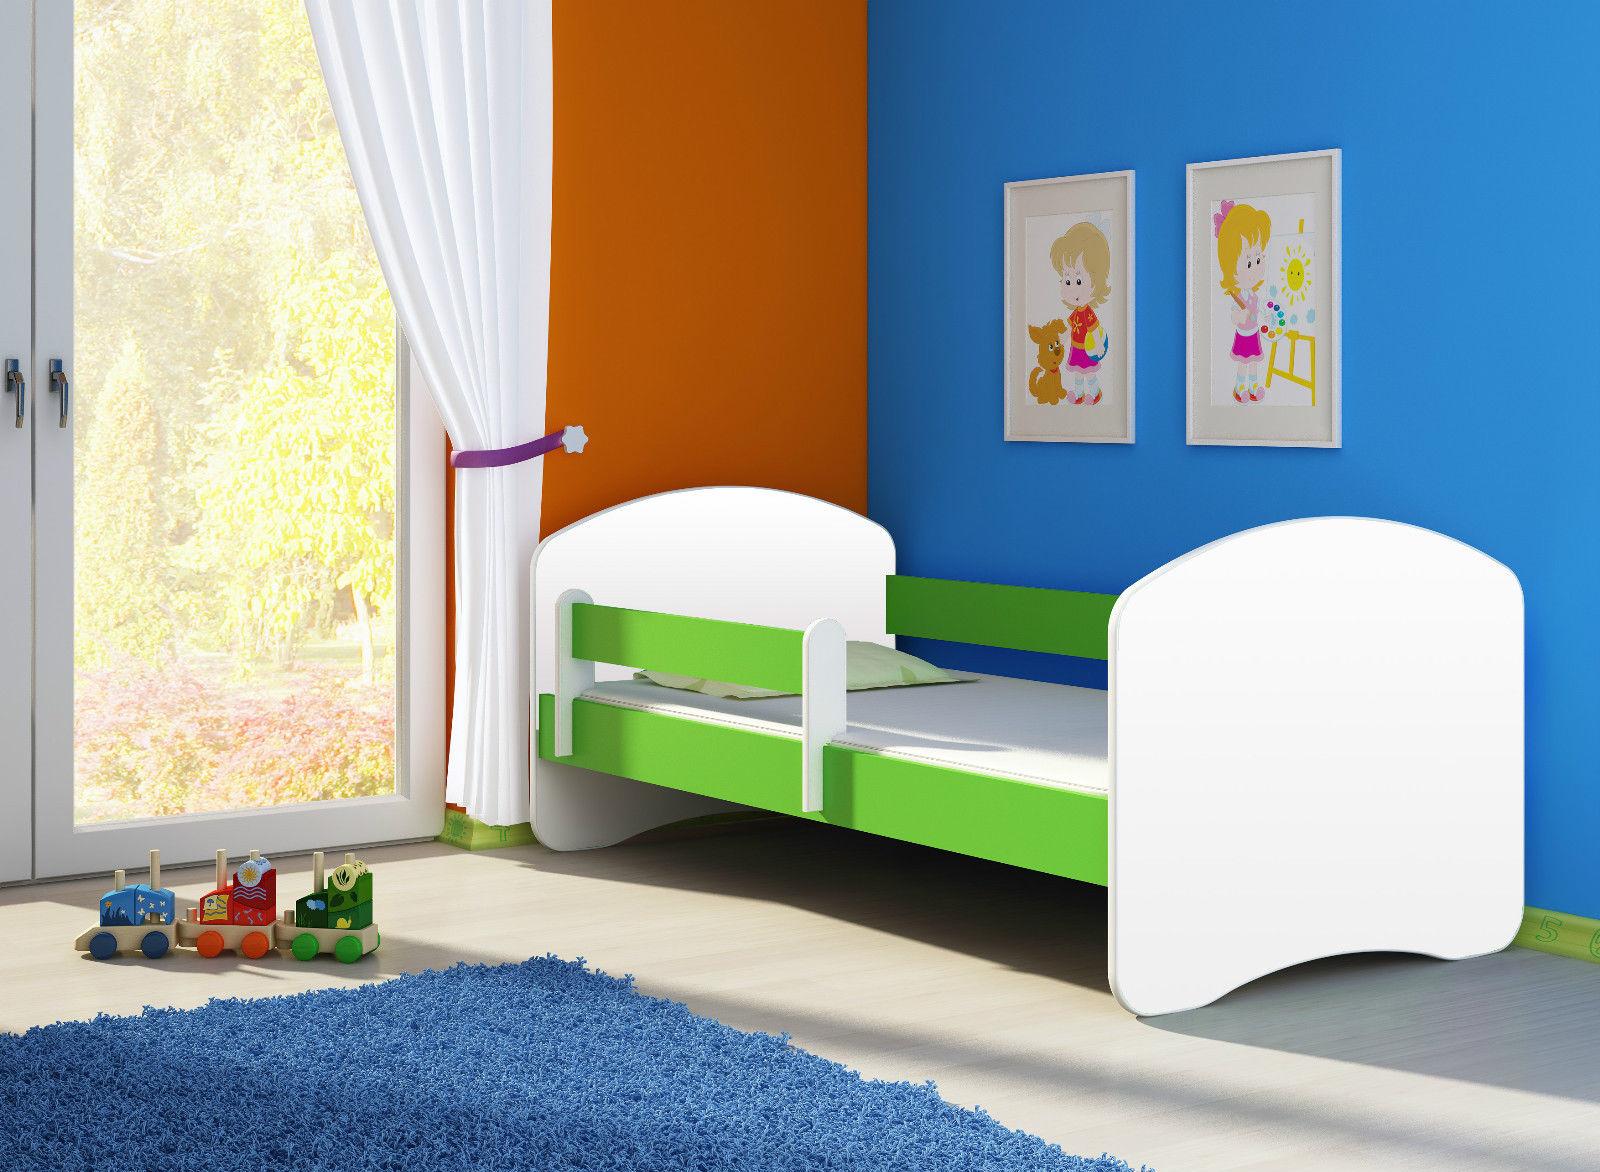 Full Size of Clamaro Kinderbett Fantasia Bett 1 40 Betten 180x200 Schwebendes 2x2m Funktions Flach Jugend Stabiles Mit Schubladen 160x200 Gepolstertem Kopfteil Kaufen Bett Kinder Bett